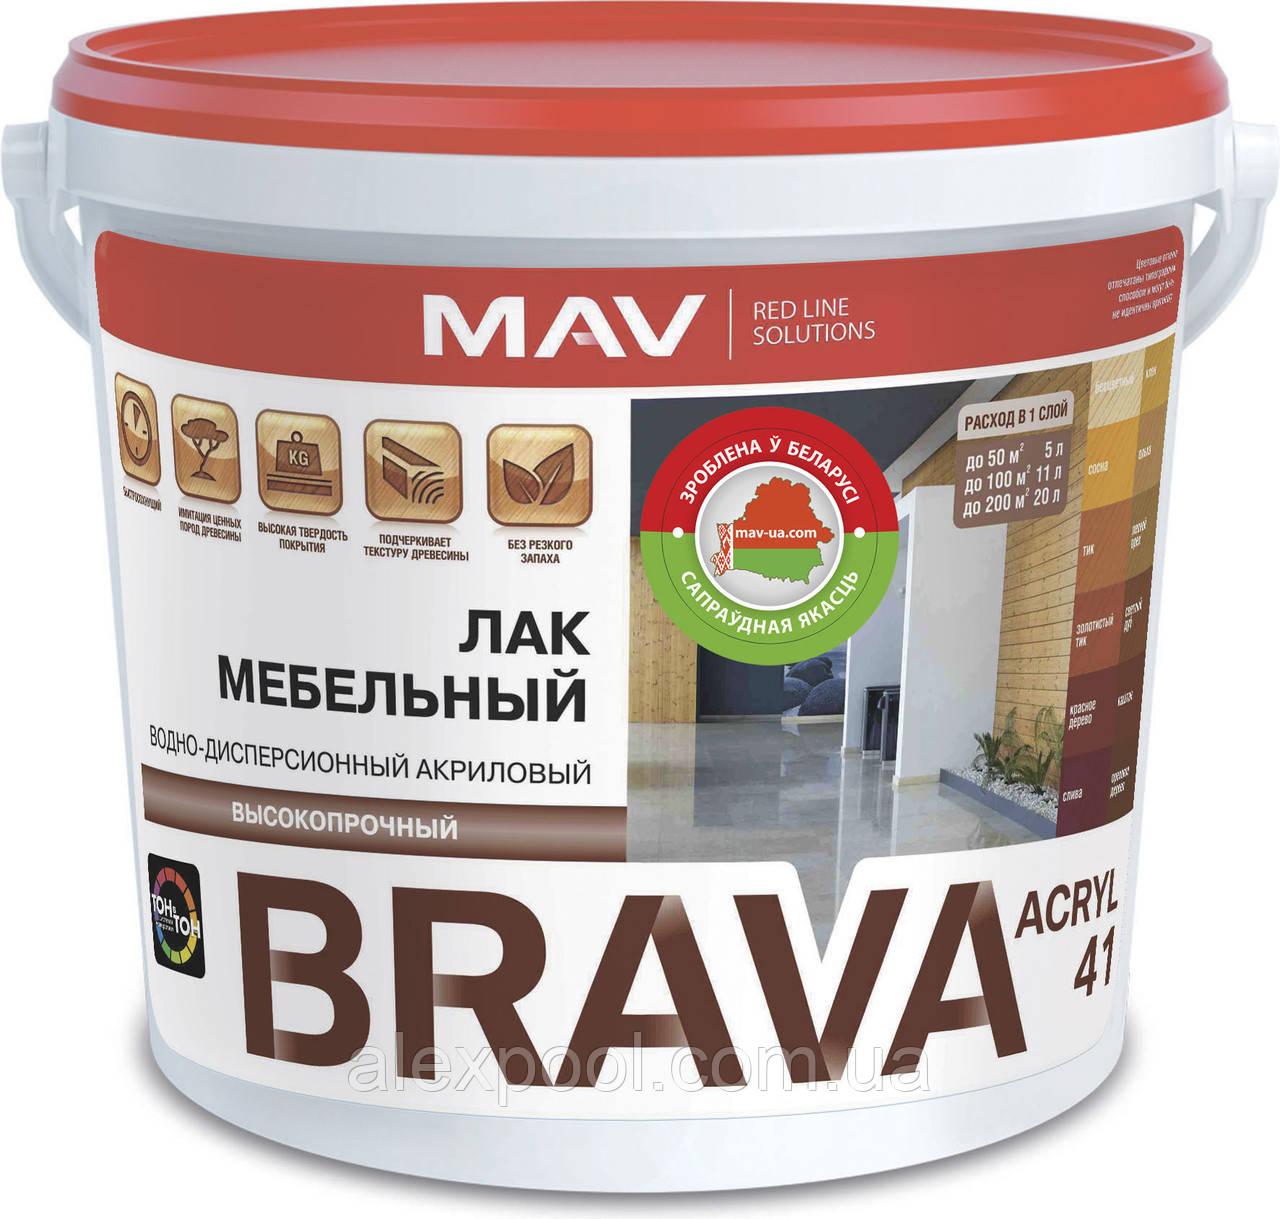 Лак MAV BRAVA ACRYL 41 мебельный Сосна 3 литра